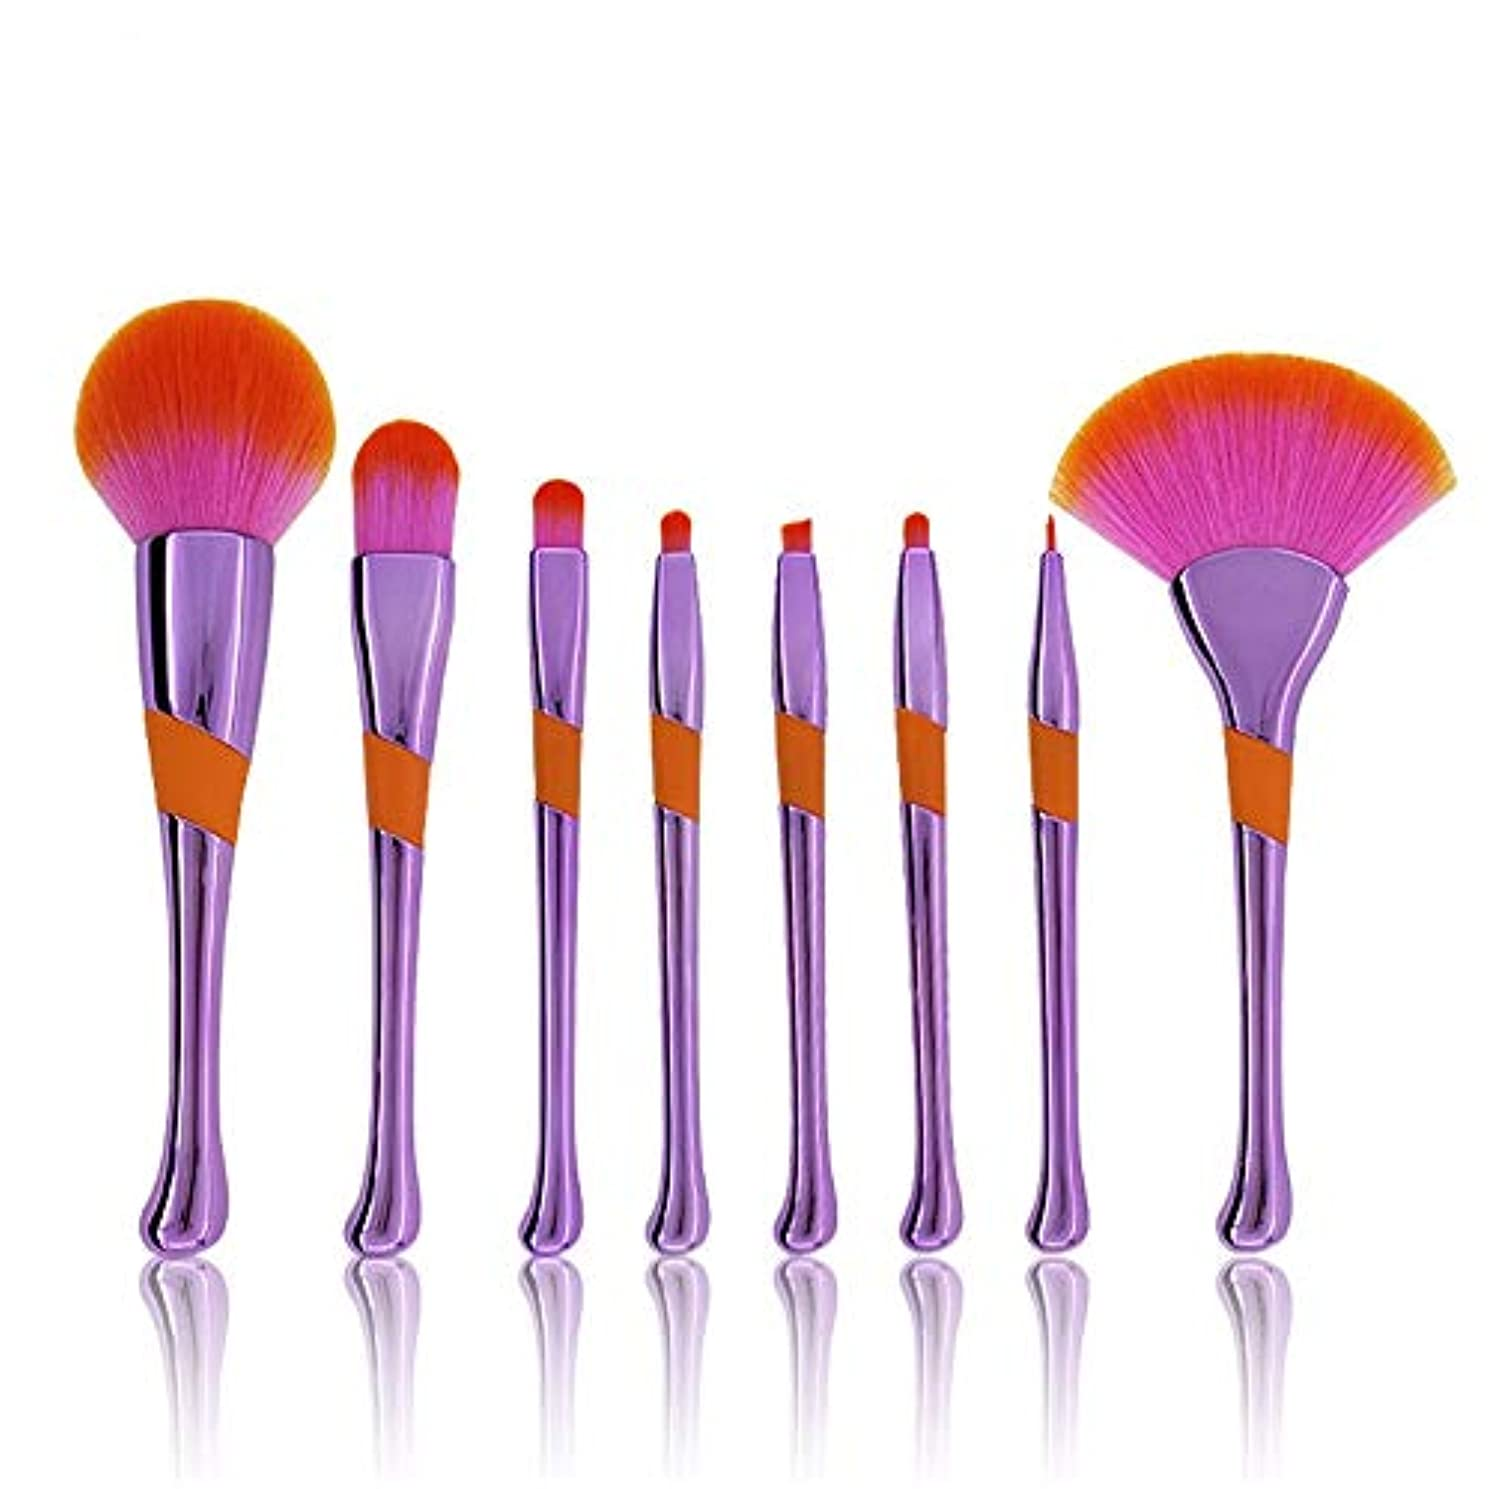 メンターリフレッシュ石のMakeup brushes 8ピースセットガールハートメイクブラシフリーパウダーブラシアイシャドウブラシブラッシュブラシ suits (Color : Purple)